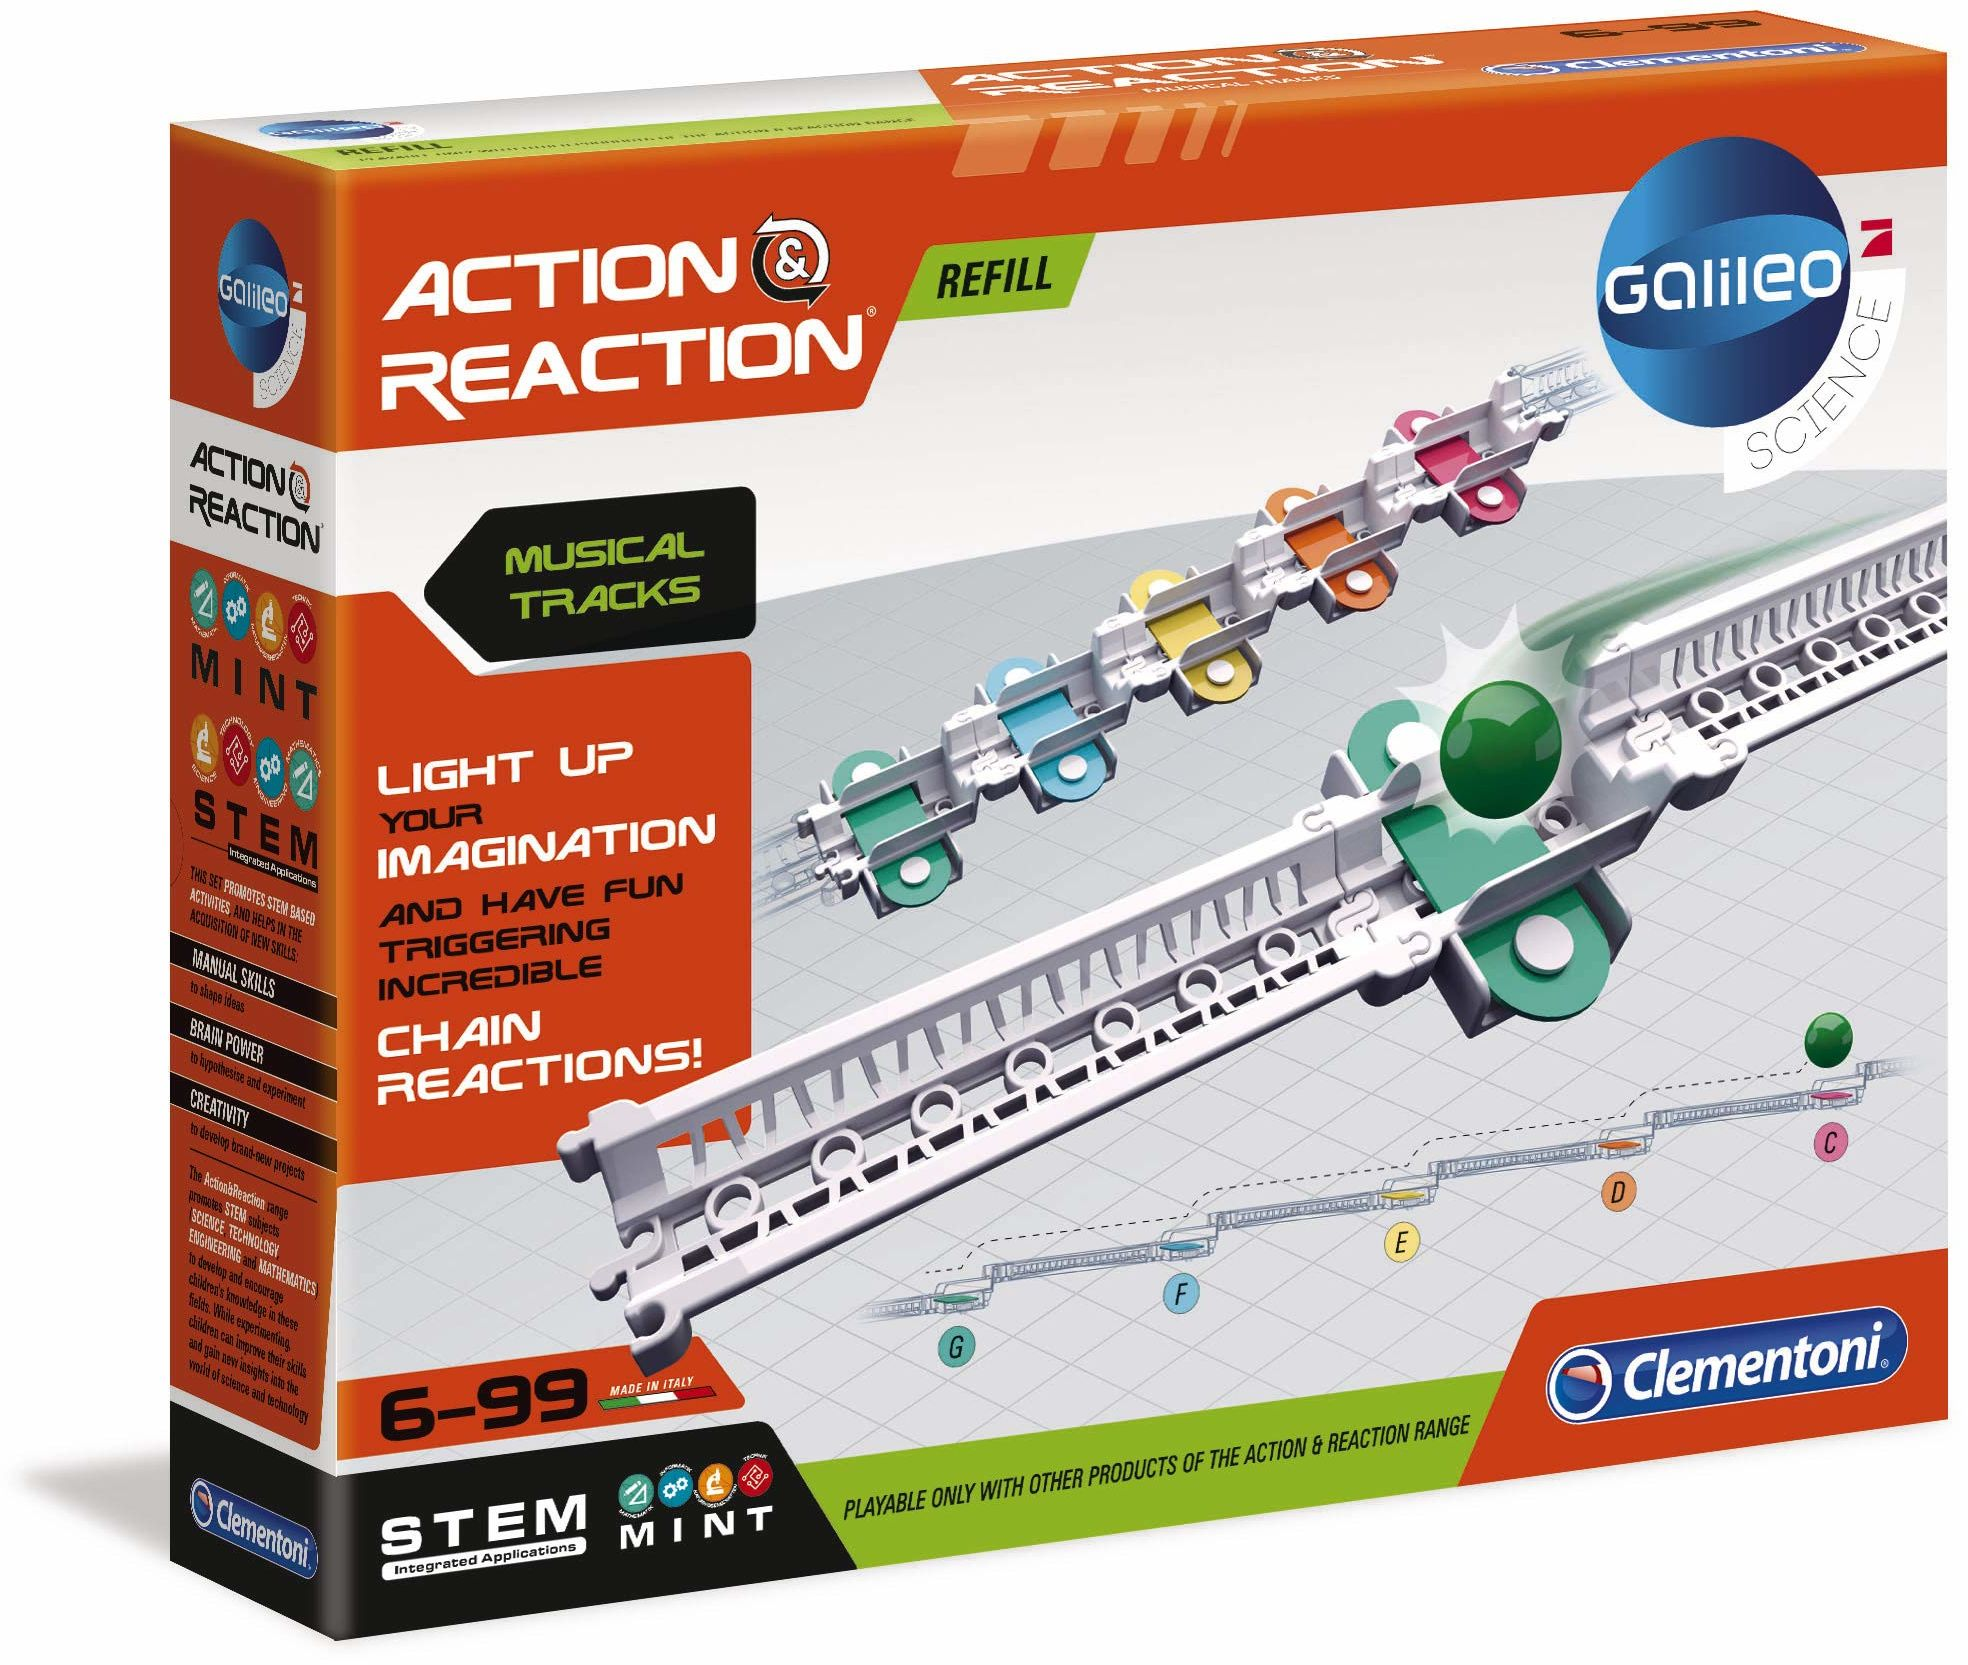 Clementoni 59168 Galileo Science - szyny dźwiękowe akcji i reakcji, spektakularne akcesorium do rozszerzalnego zestawu budowlanego, zabawka dla dzieci od 6 lat